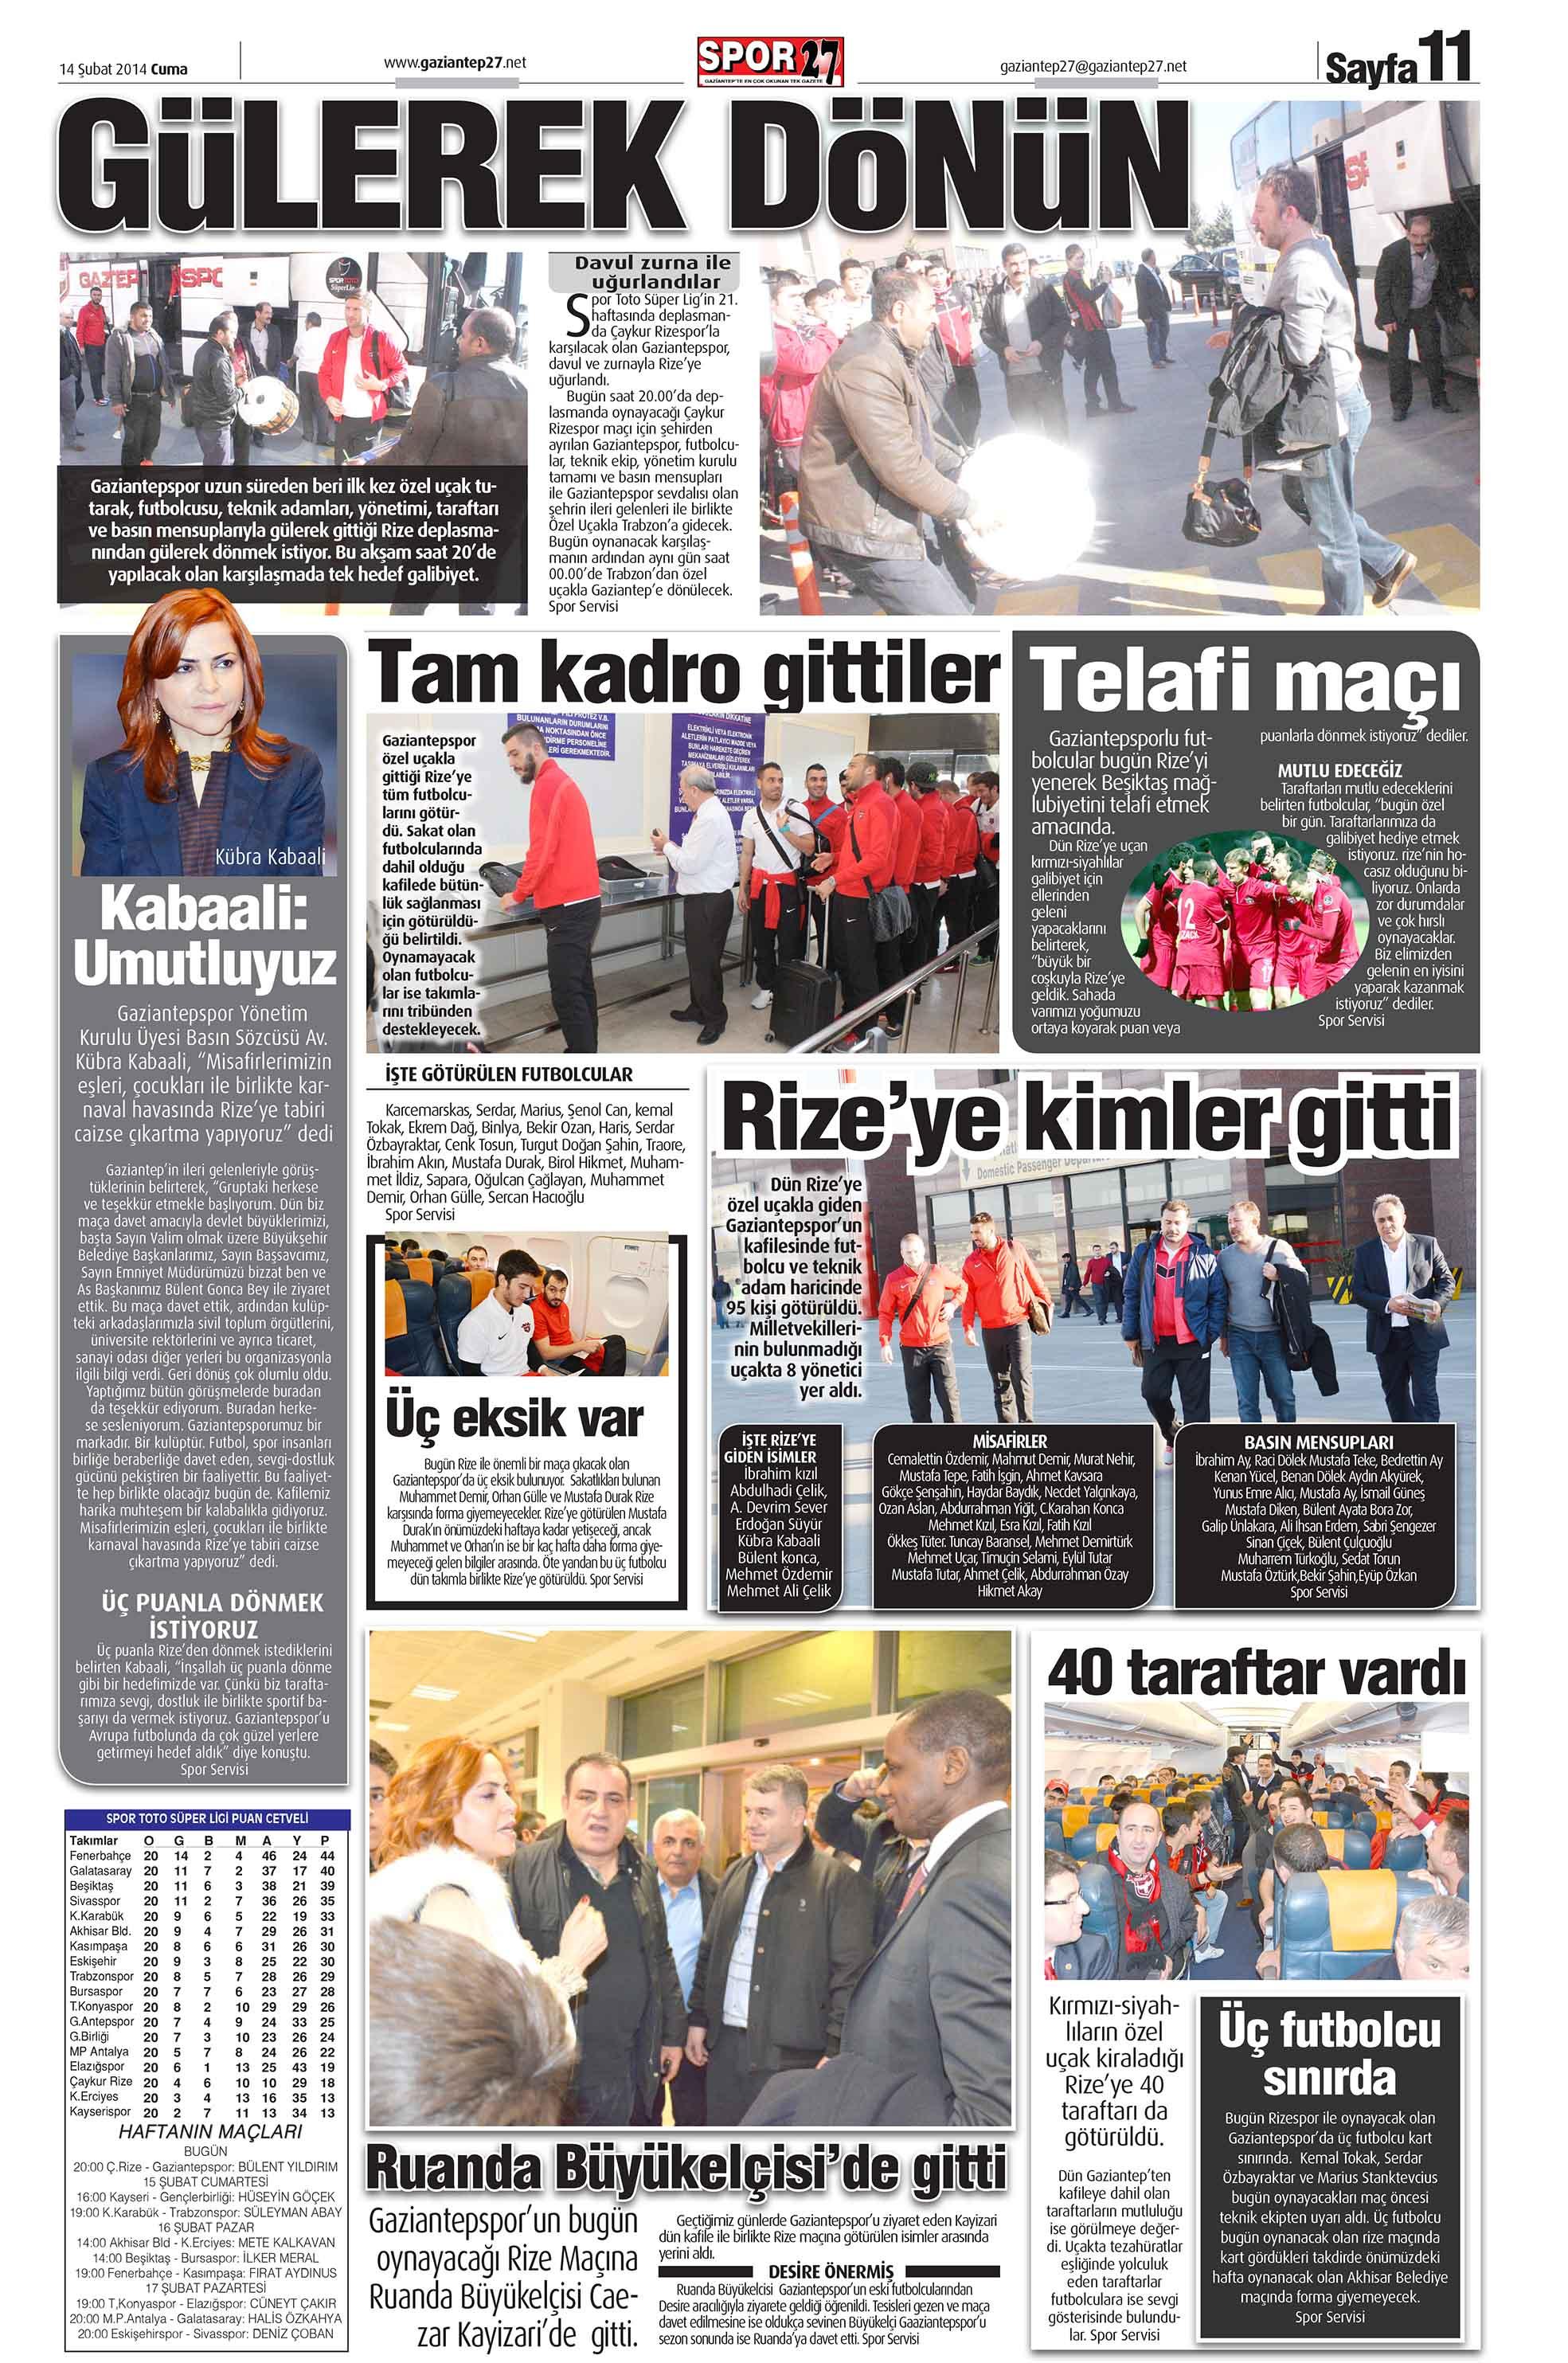 14 ŞUBAT SAYFALAR 1